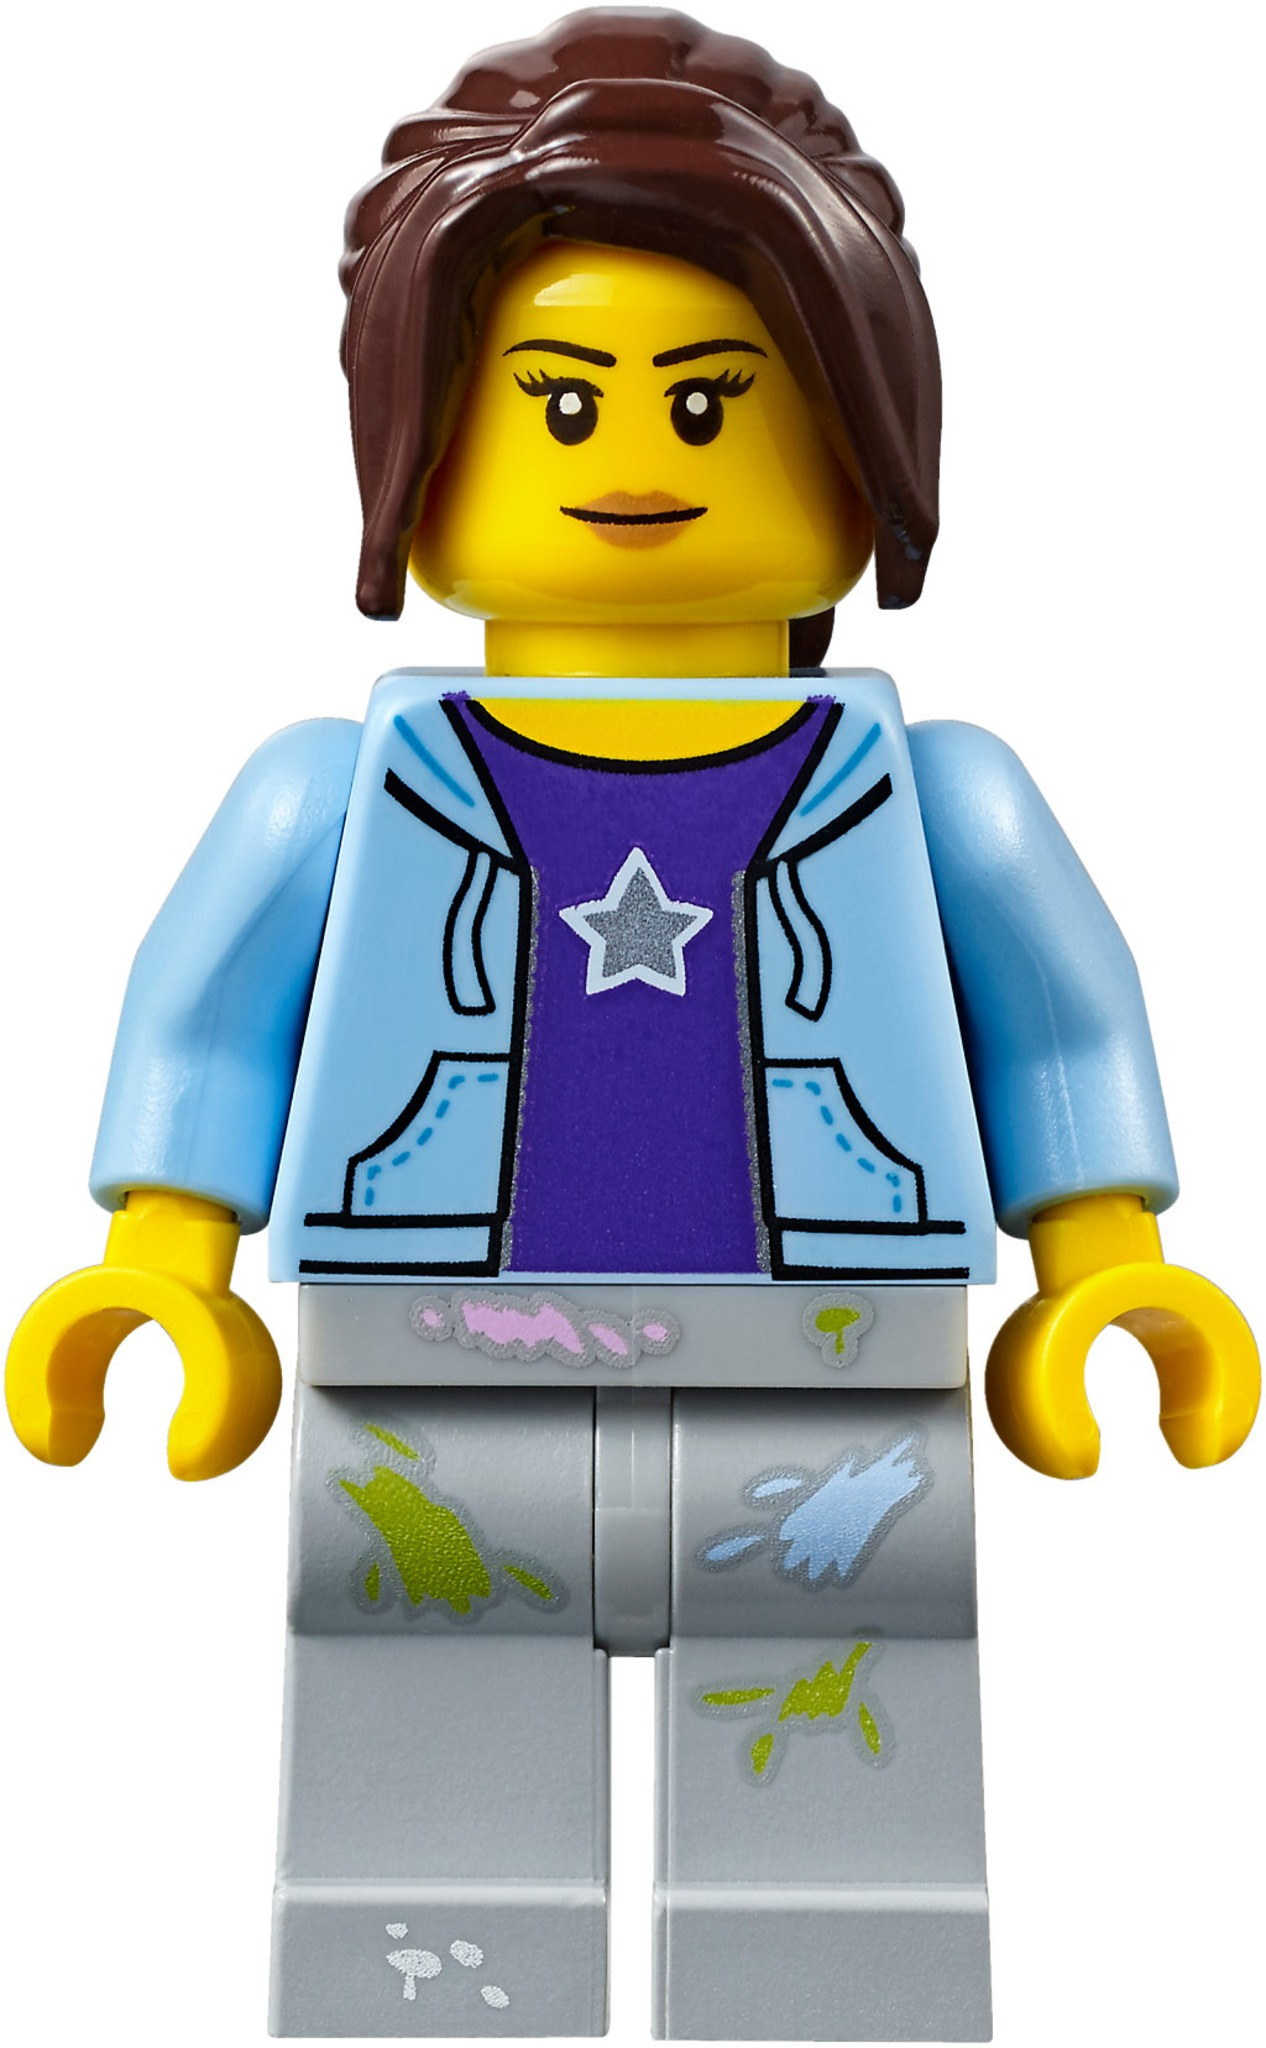 LEGO 60134  Divertimento al parco City People Pack CITY Pz 157